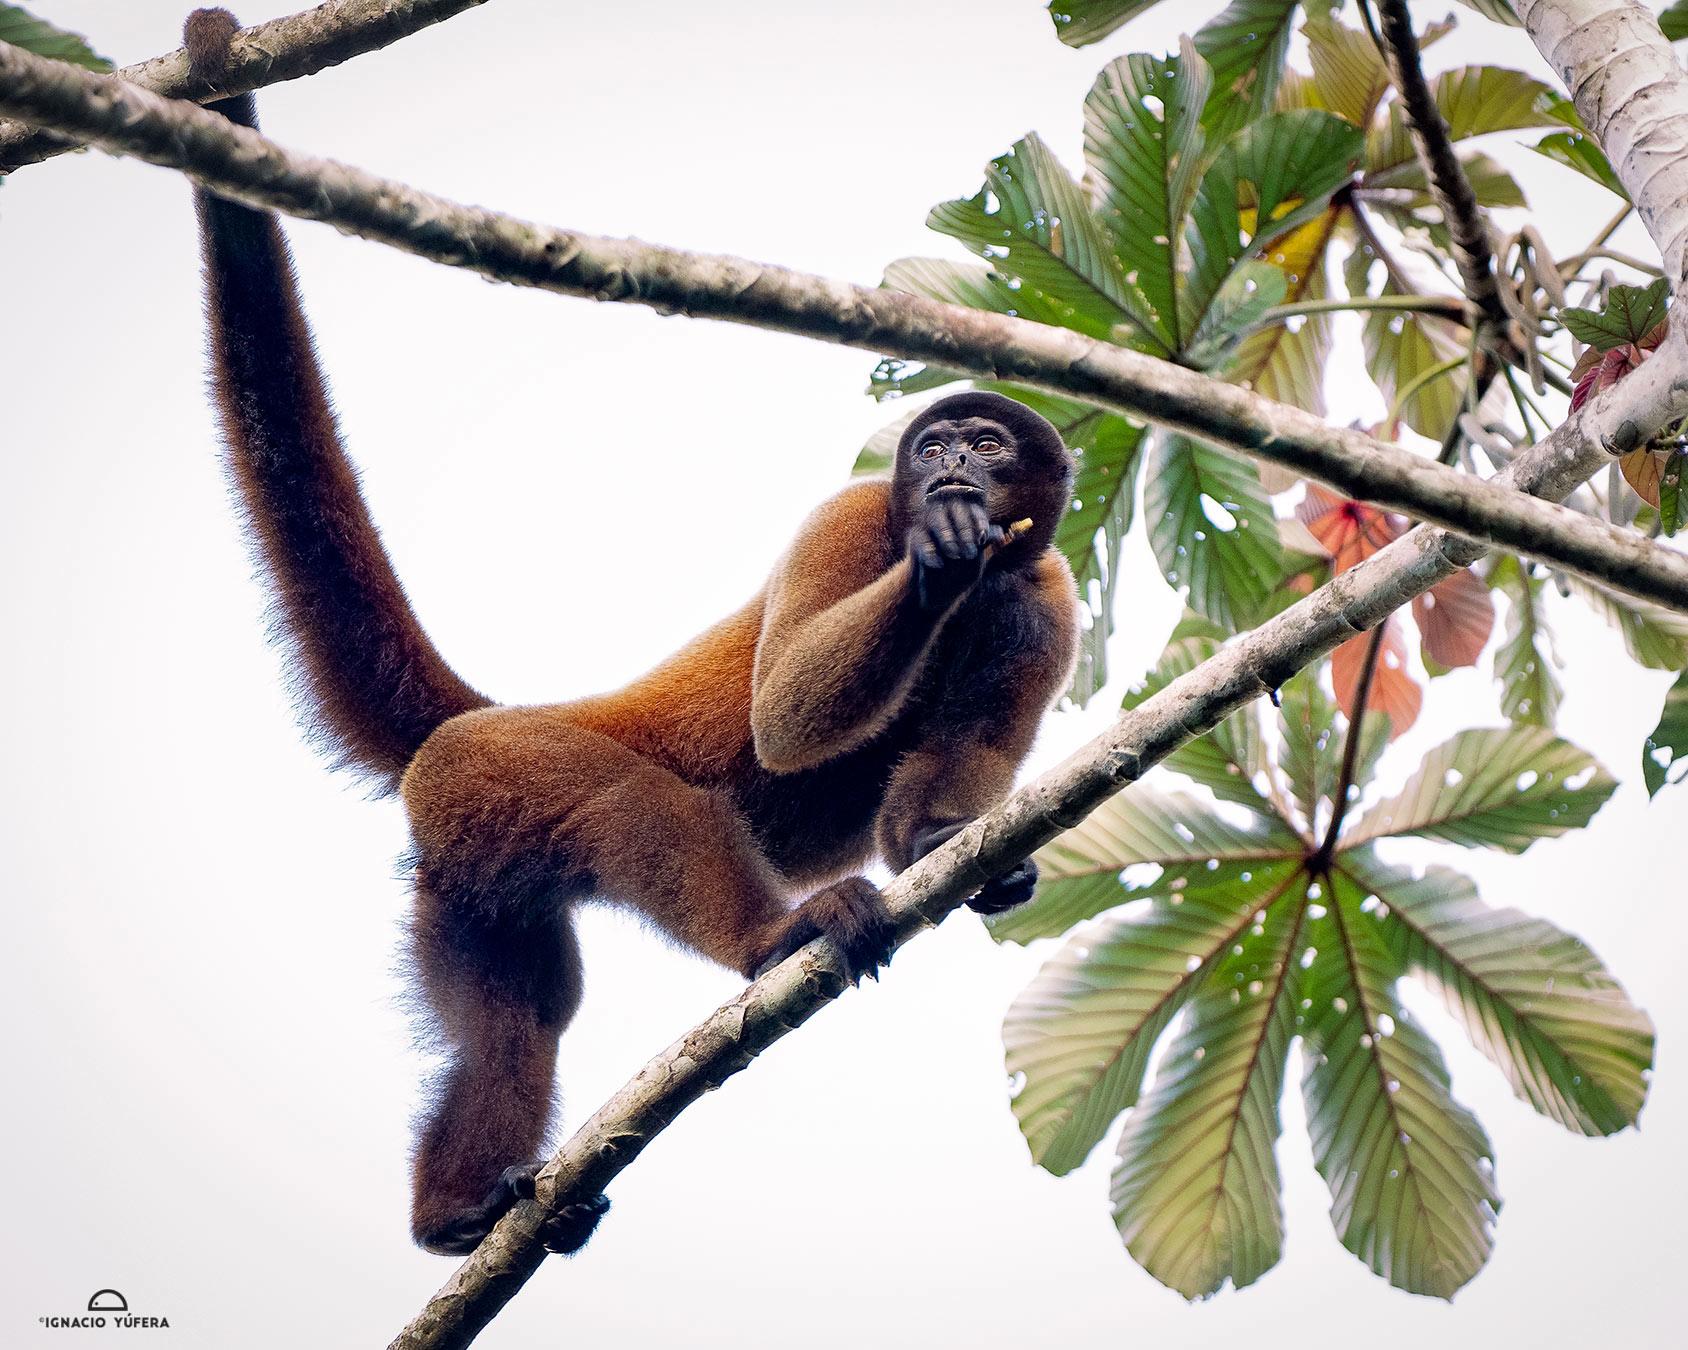 Humboldt's Woolly Monkey (Lagothrix l. lagothricha), Yasuní National Park, Ecuador